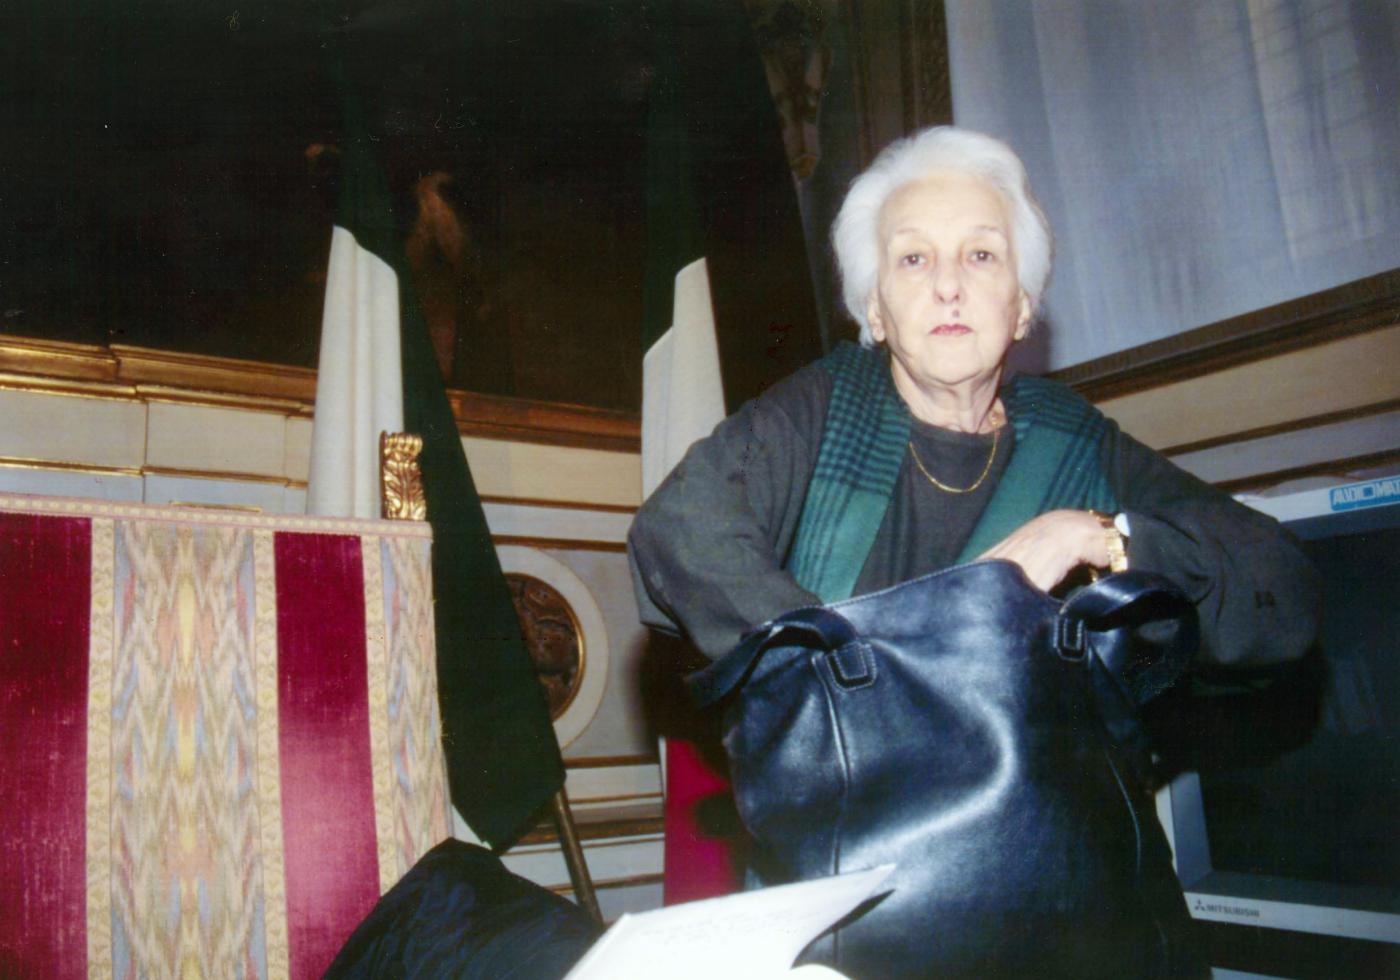 Addio a Rossana Rossanda, fondatrice del Manifesto e donna della Resistenza